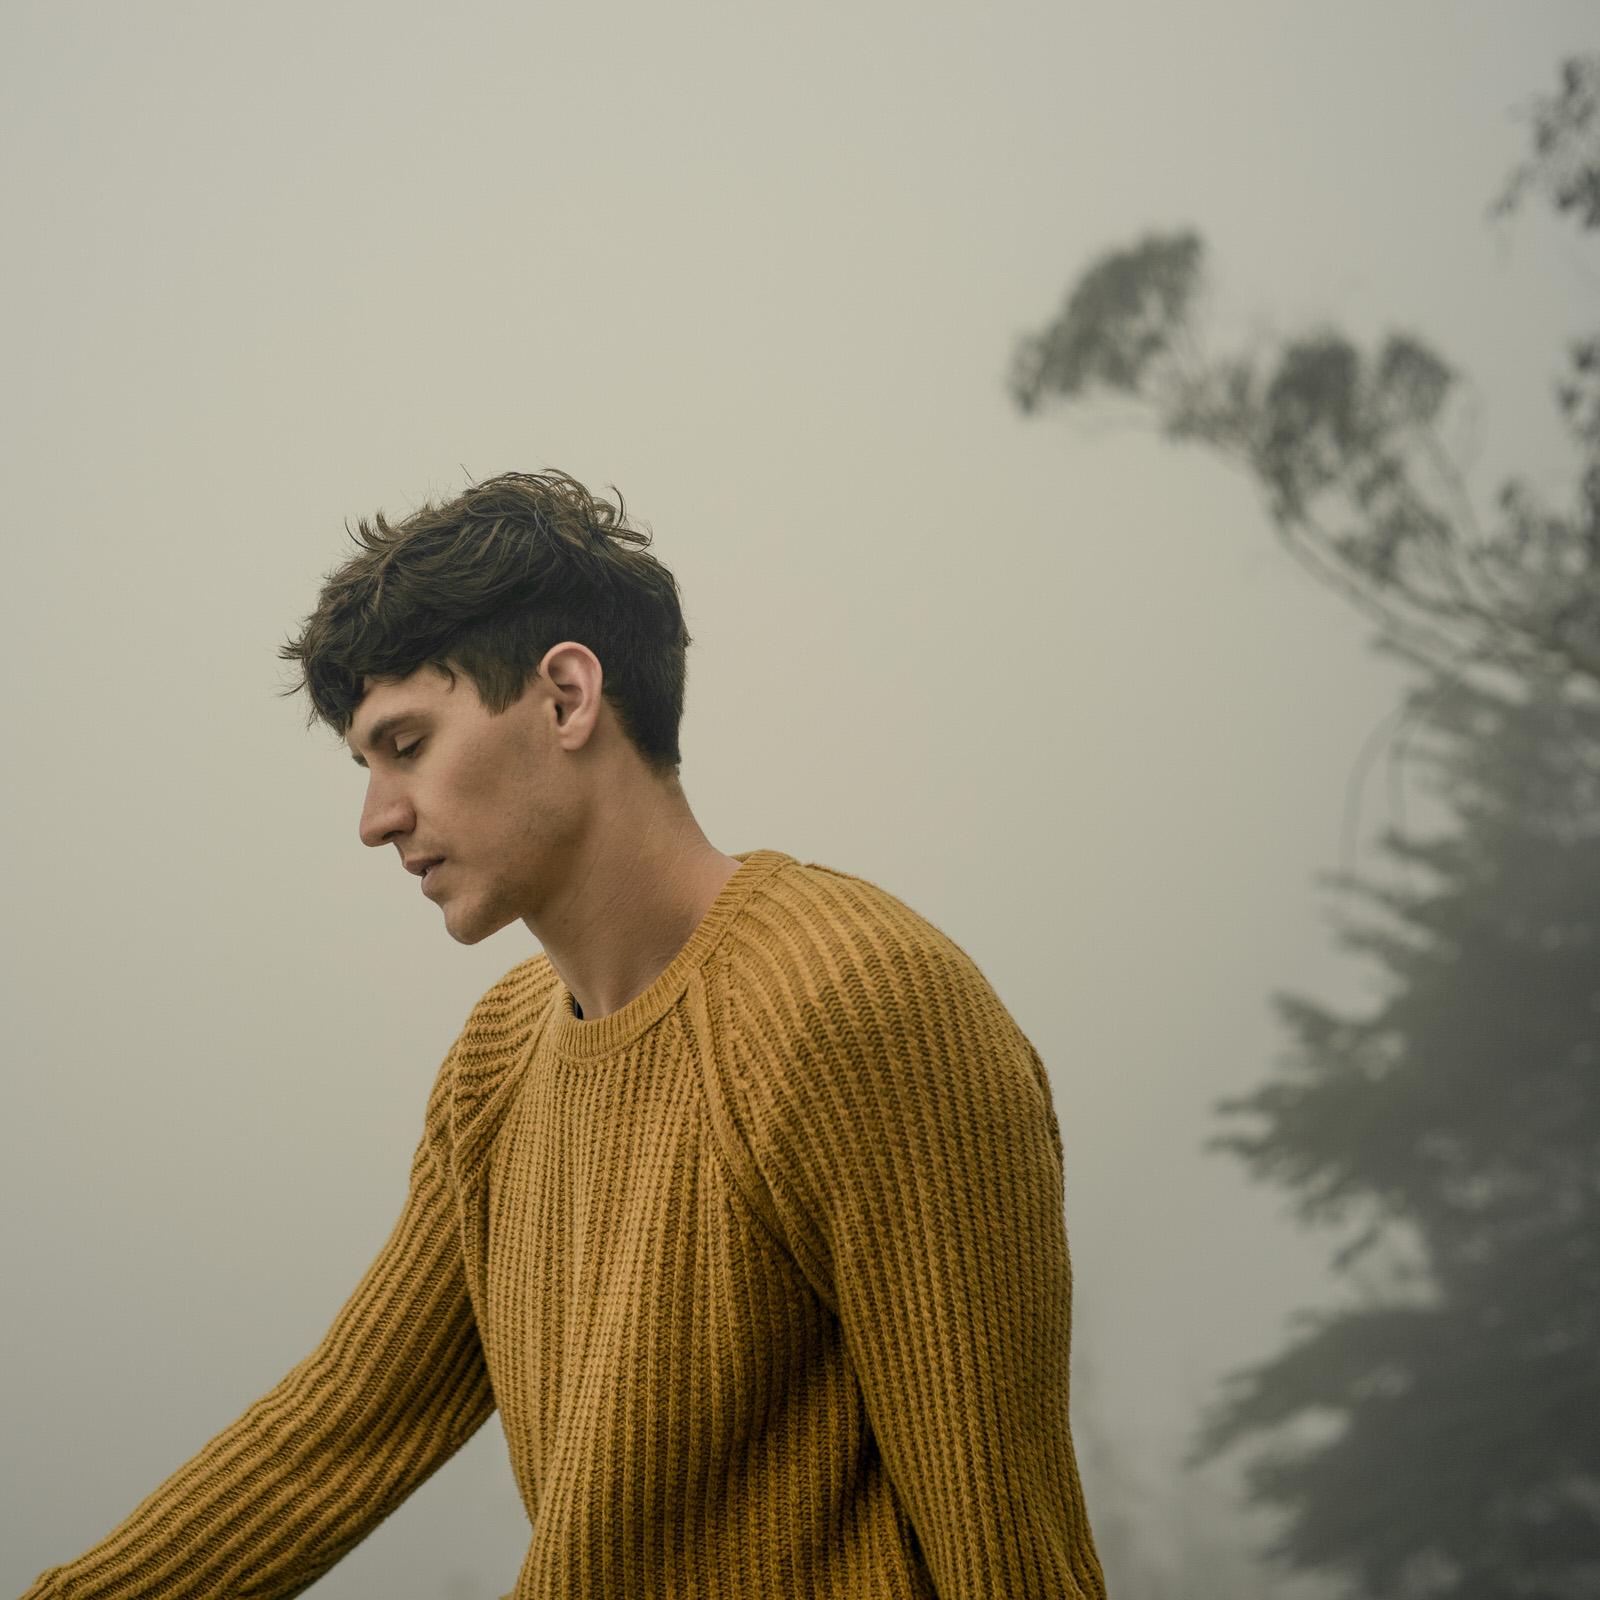 Fog portrait of Zach by Jaclyn Le